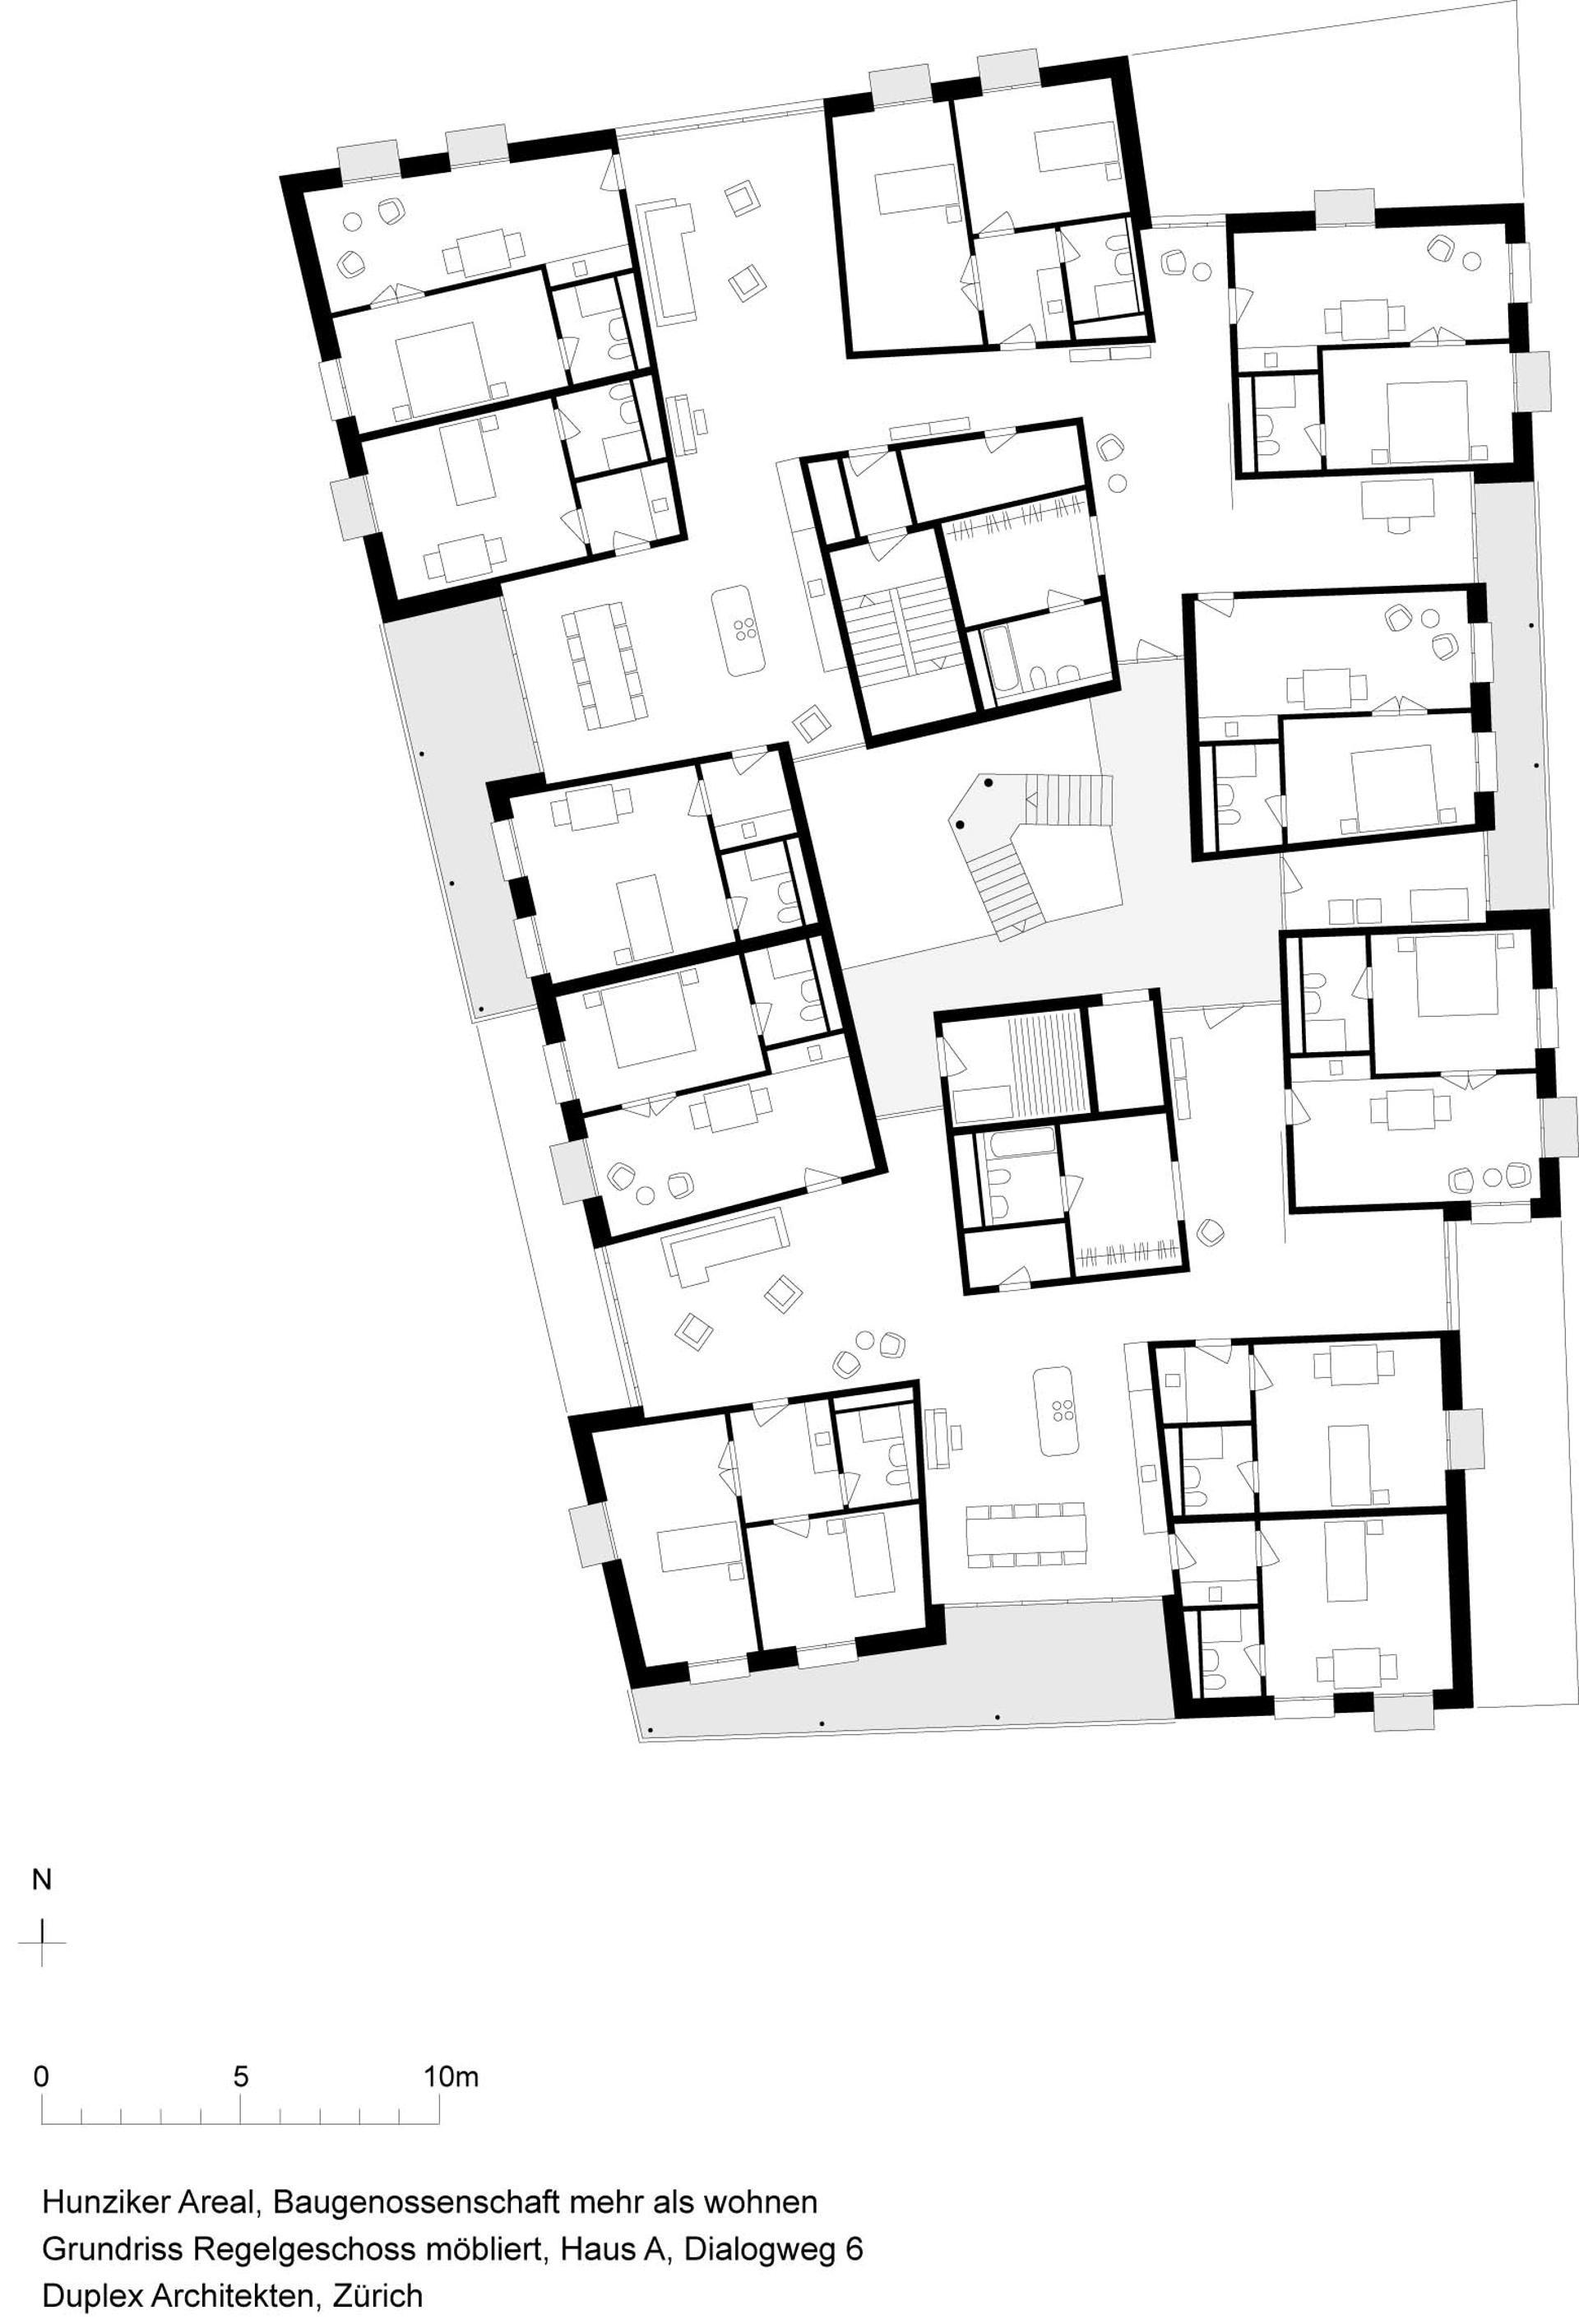 Mehr als wohnen baugenossenschaft z rich haus a duplex for Cluster house plans